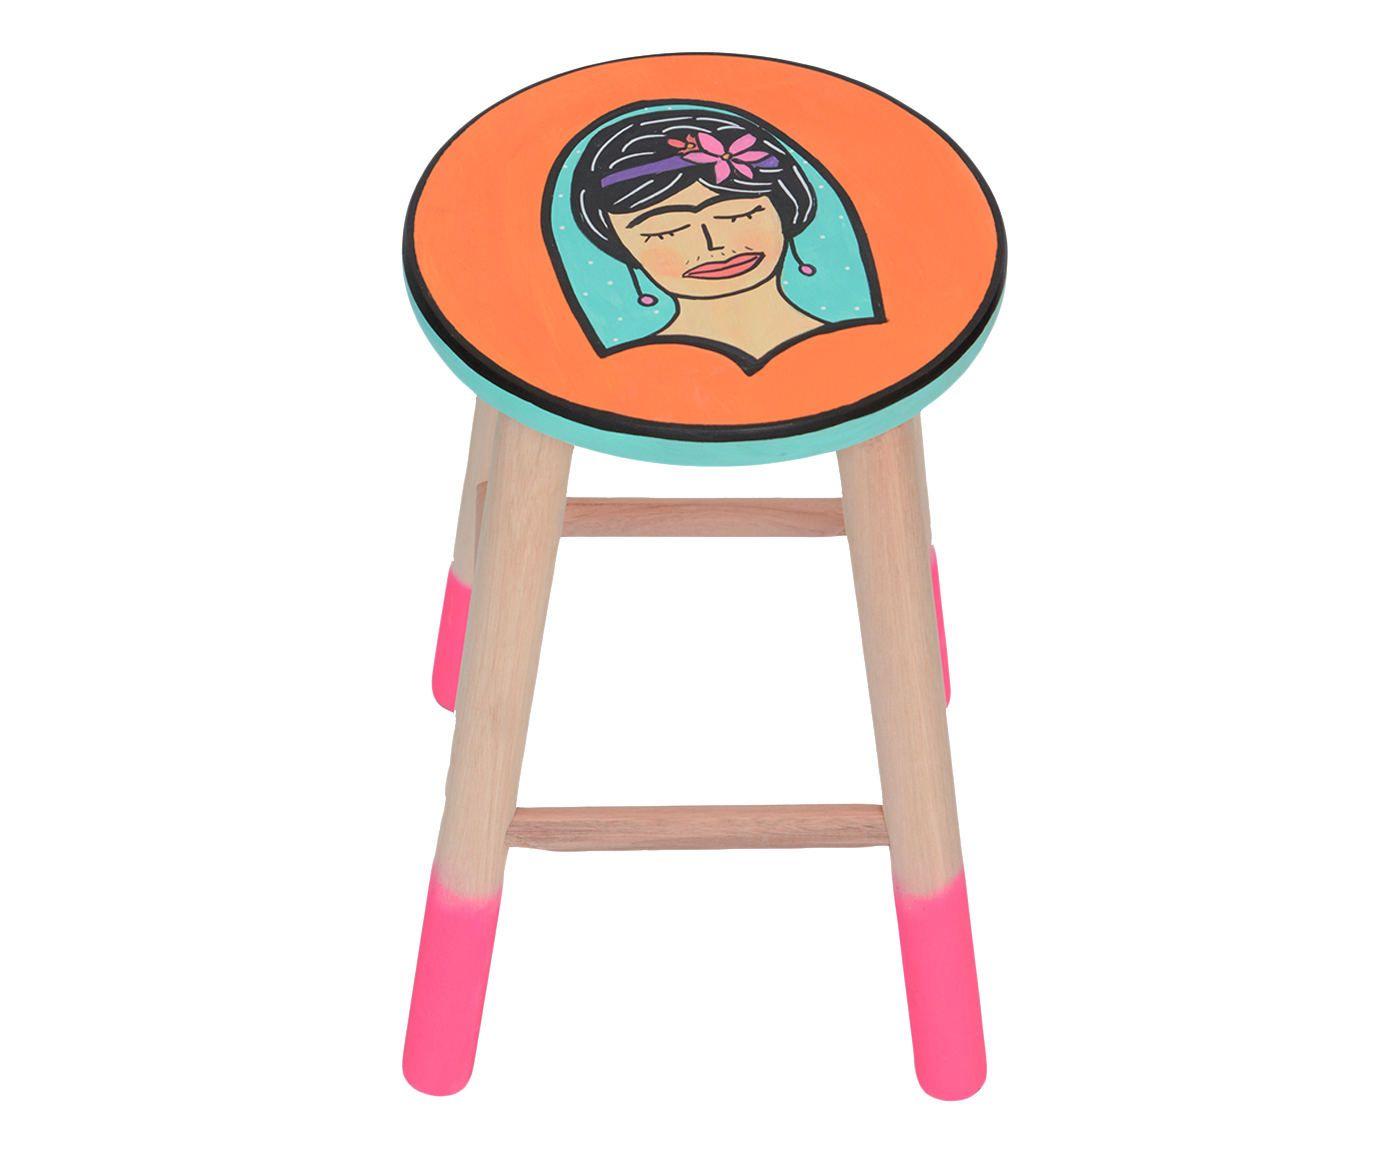 Banquinho Retrato de Frida | Westwing.com.br